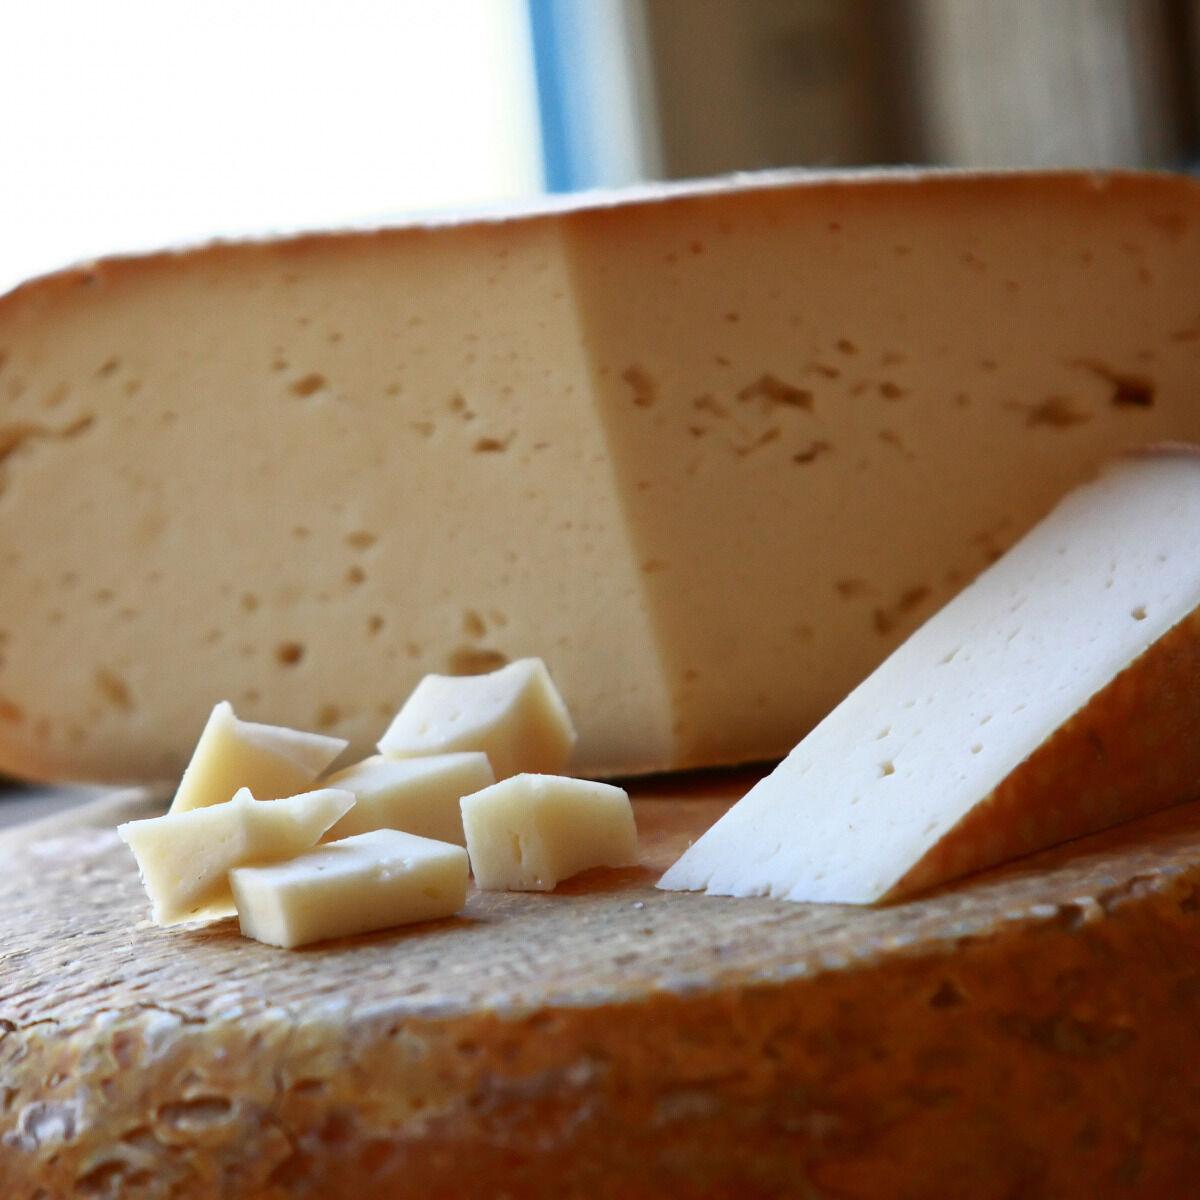 Le Moulin Gourmand Fromage de Bethmale au Lait Cru de Vache & Brebis - 500g